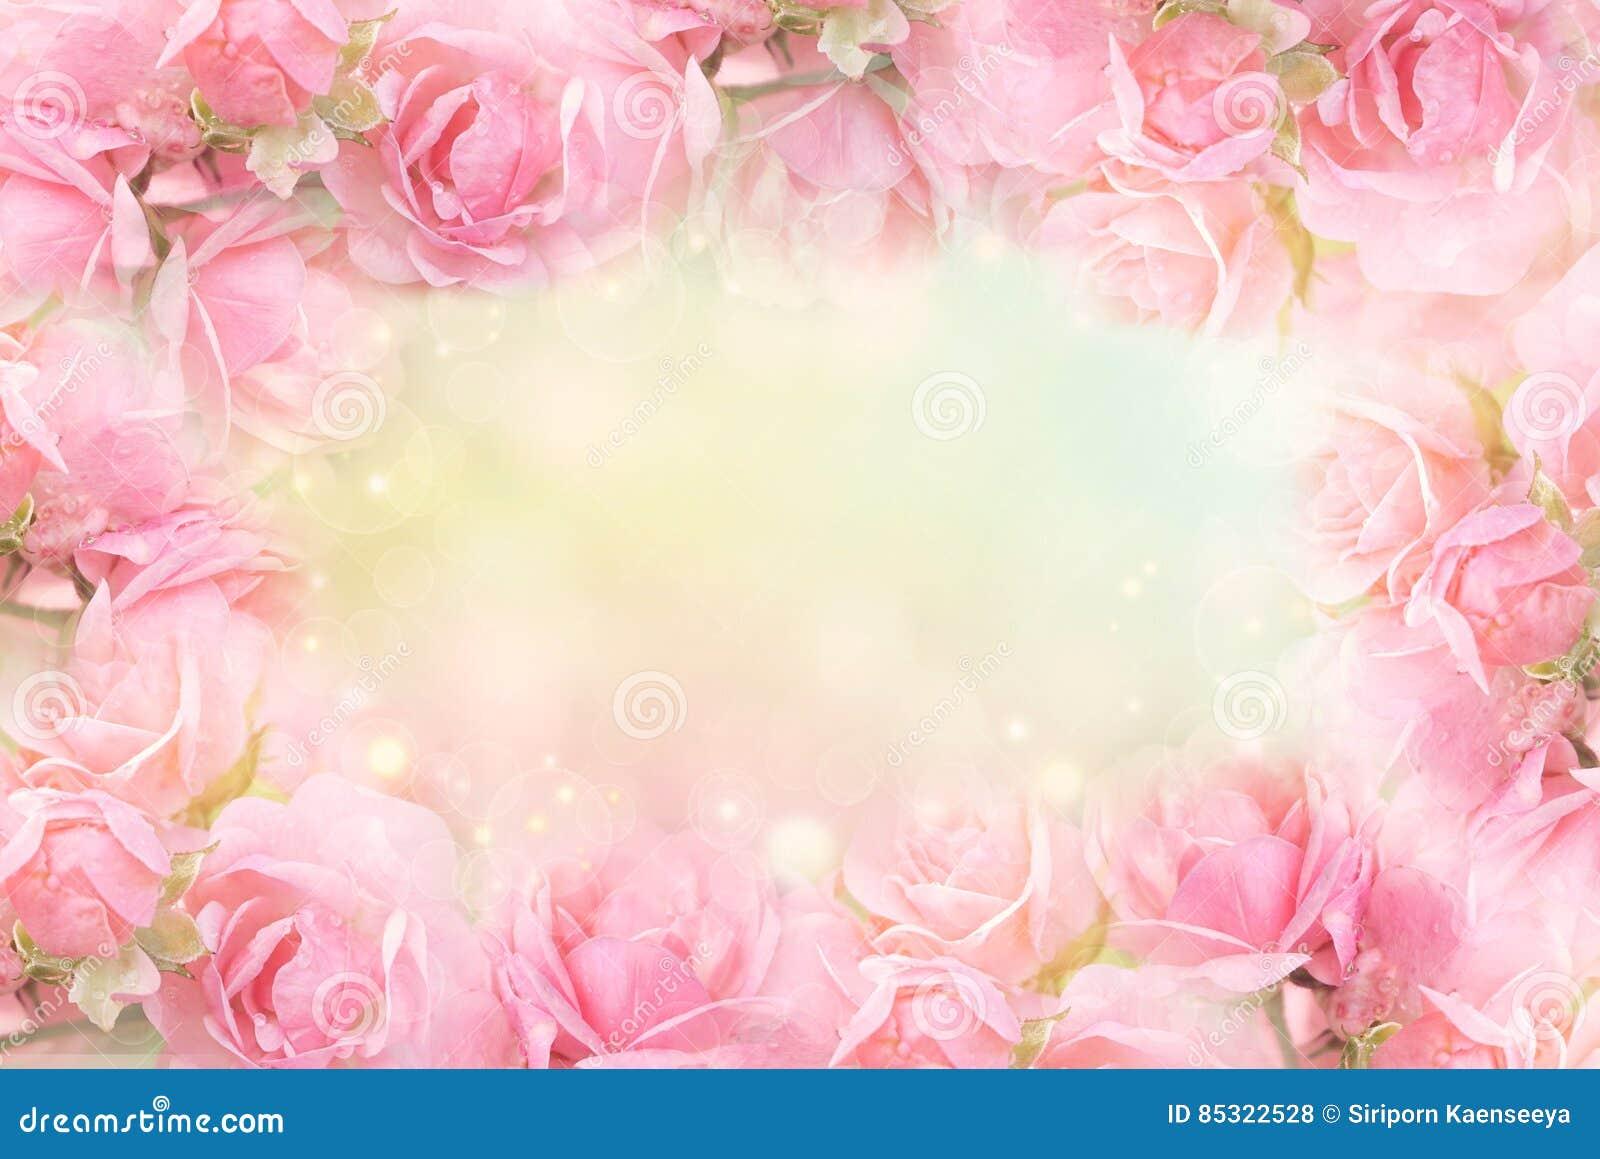 Pink Rose Flower Frame On Soft Bokeh Vintage Background For Valentine